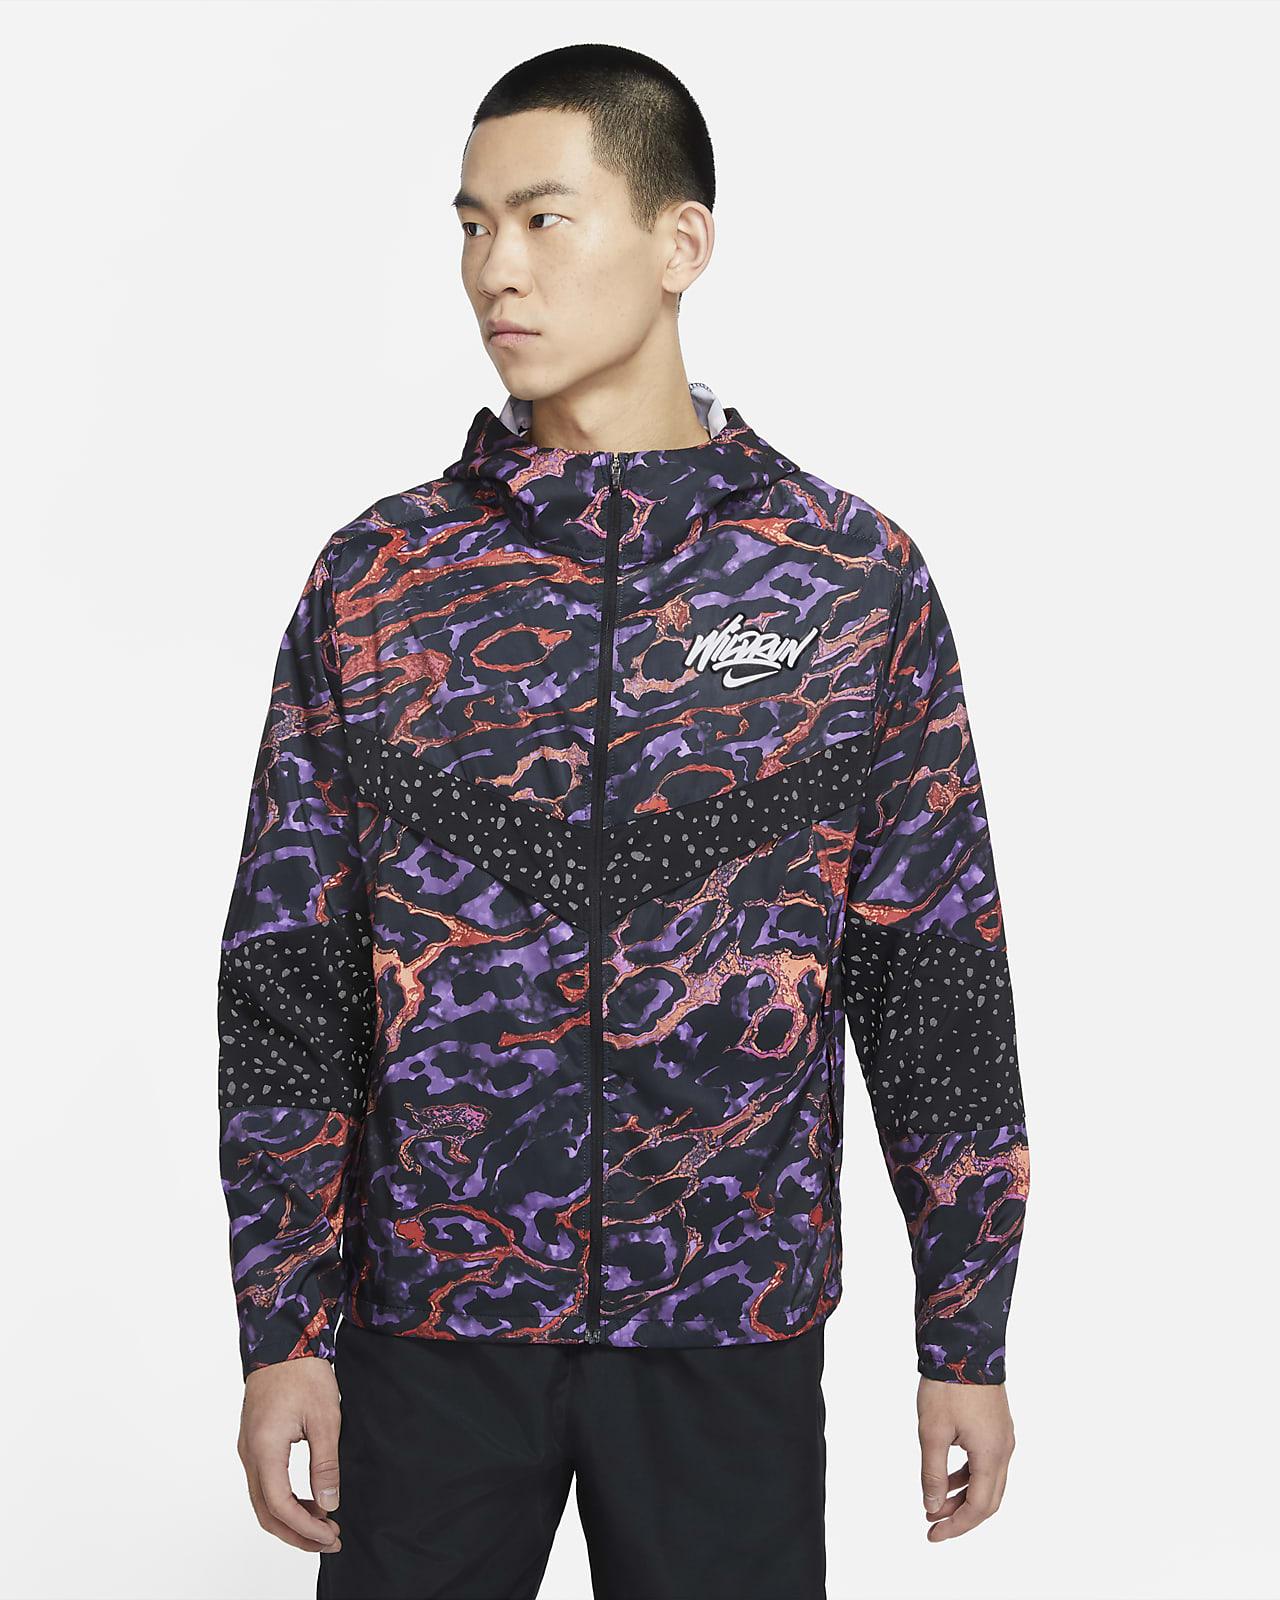 Nike Windrunner Wild Run 男子跑步夹克